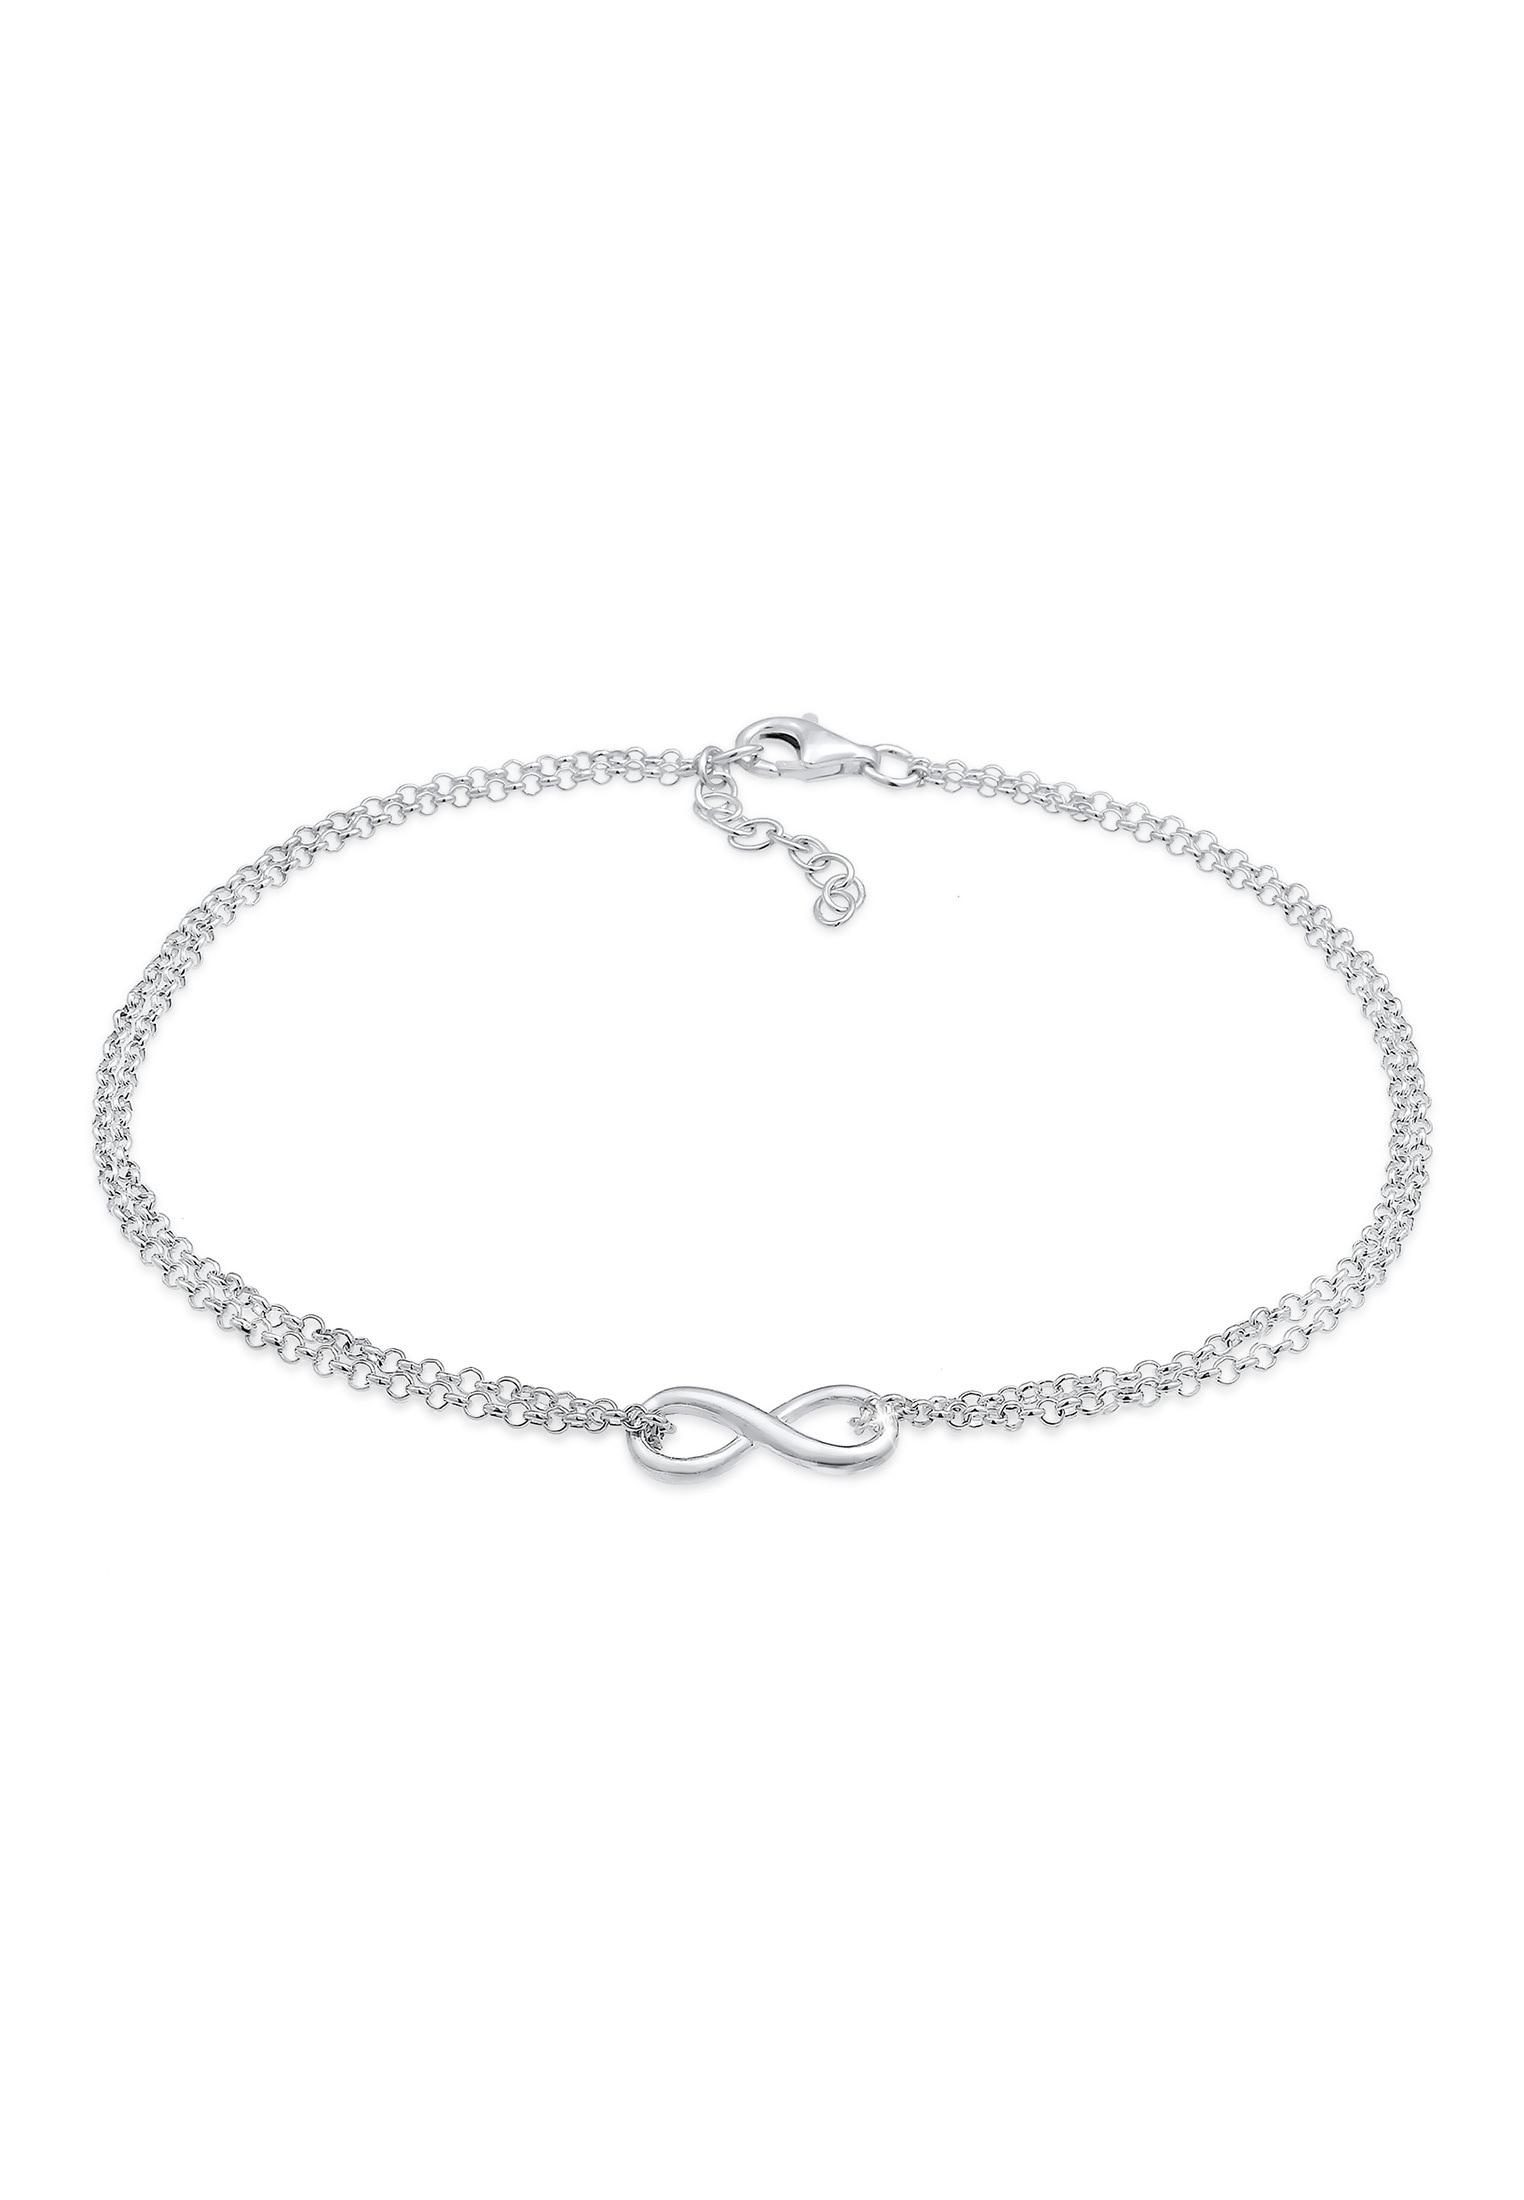 Elli Fußkette Fußkette Infinity Unendlichkeit Symbol 925 Silber | Schmuck > Fußschmuck > Fußkettchen | Elli